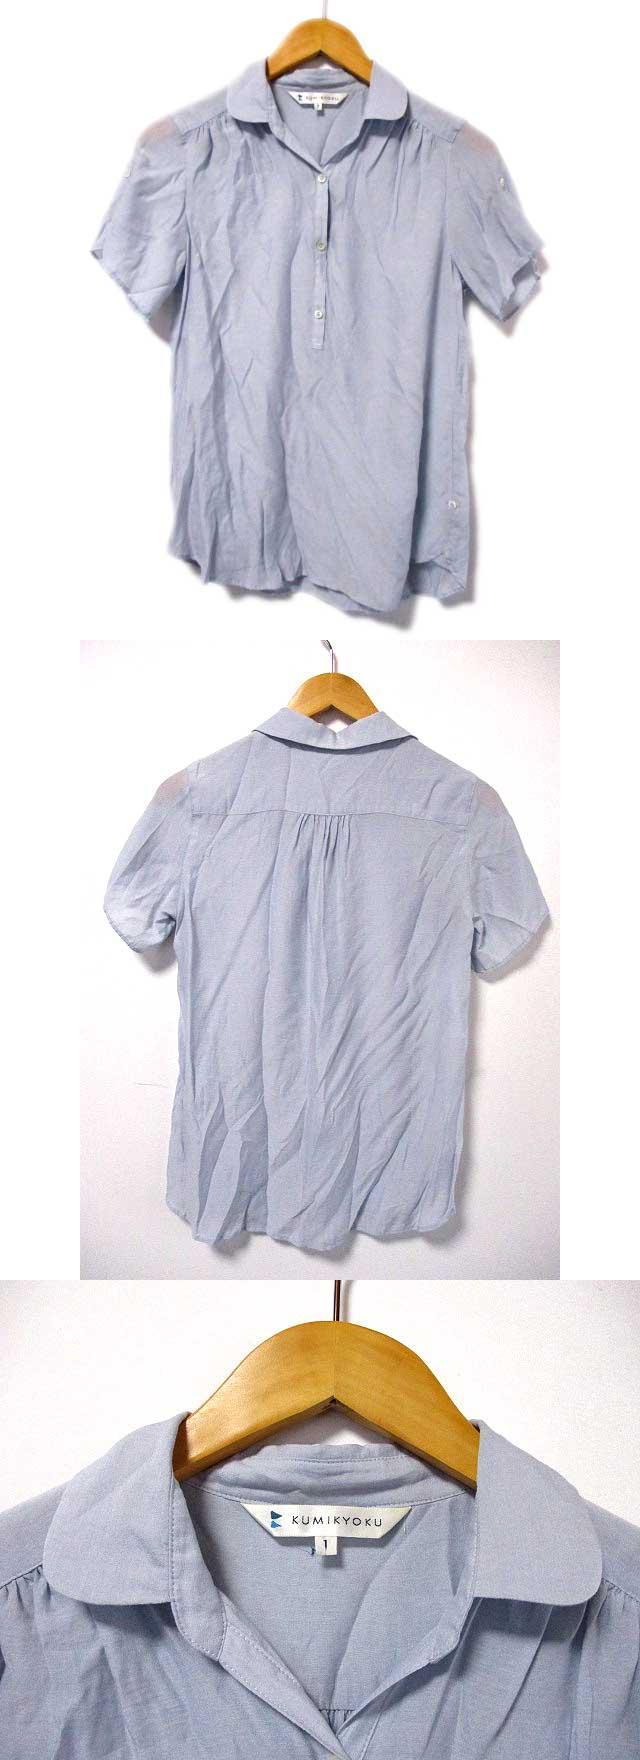 シャツ ブラウス カットソー 半袖 水色系 1